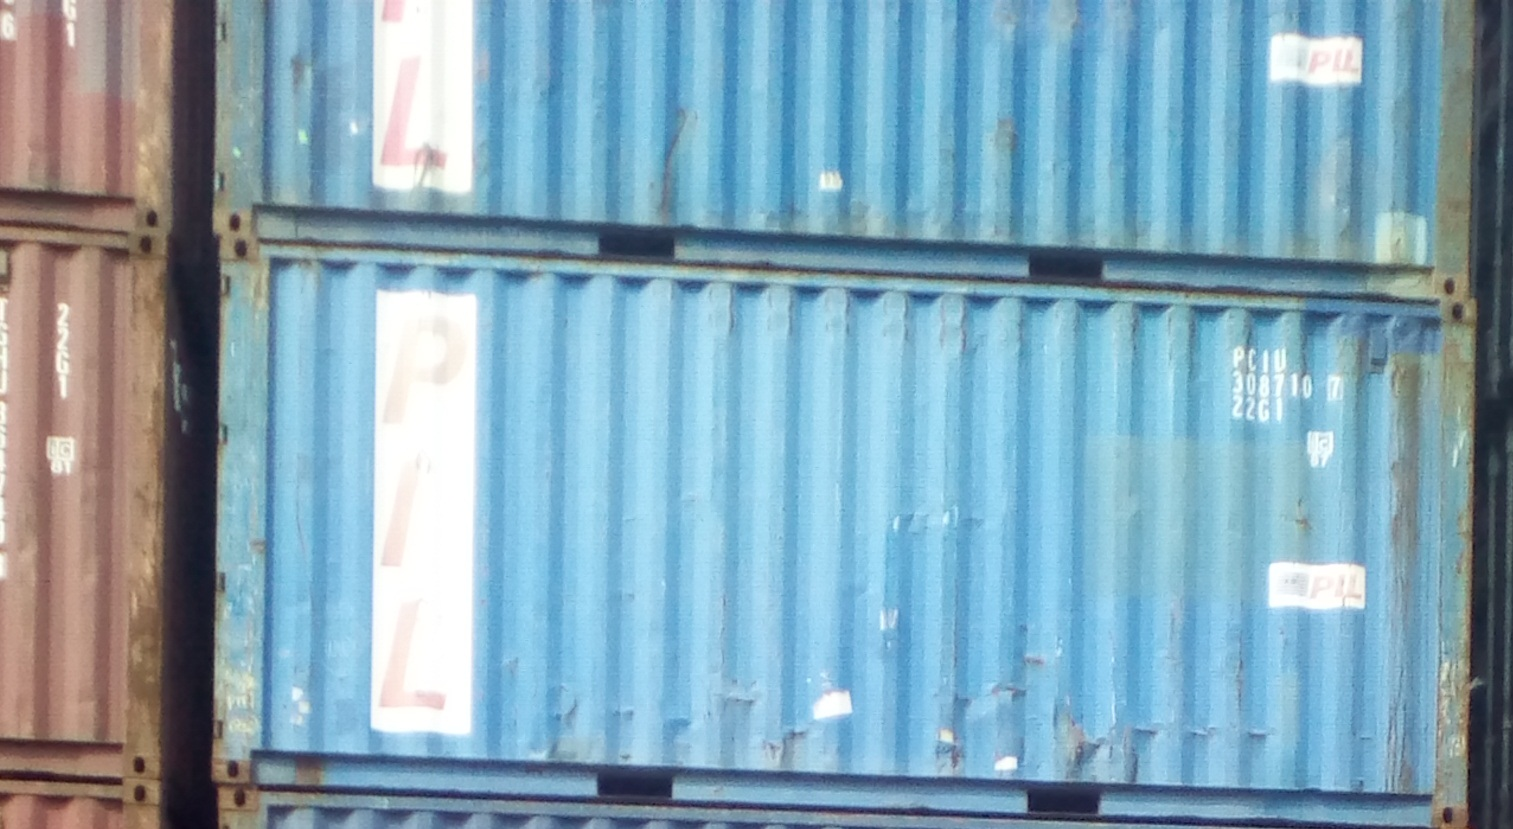 Jual Kontainer Bekas Murah Jakarta Utara - Harga Container